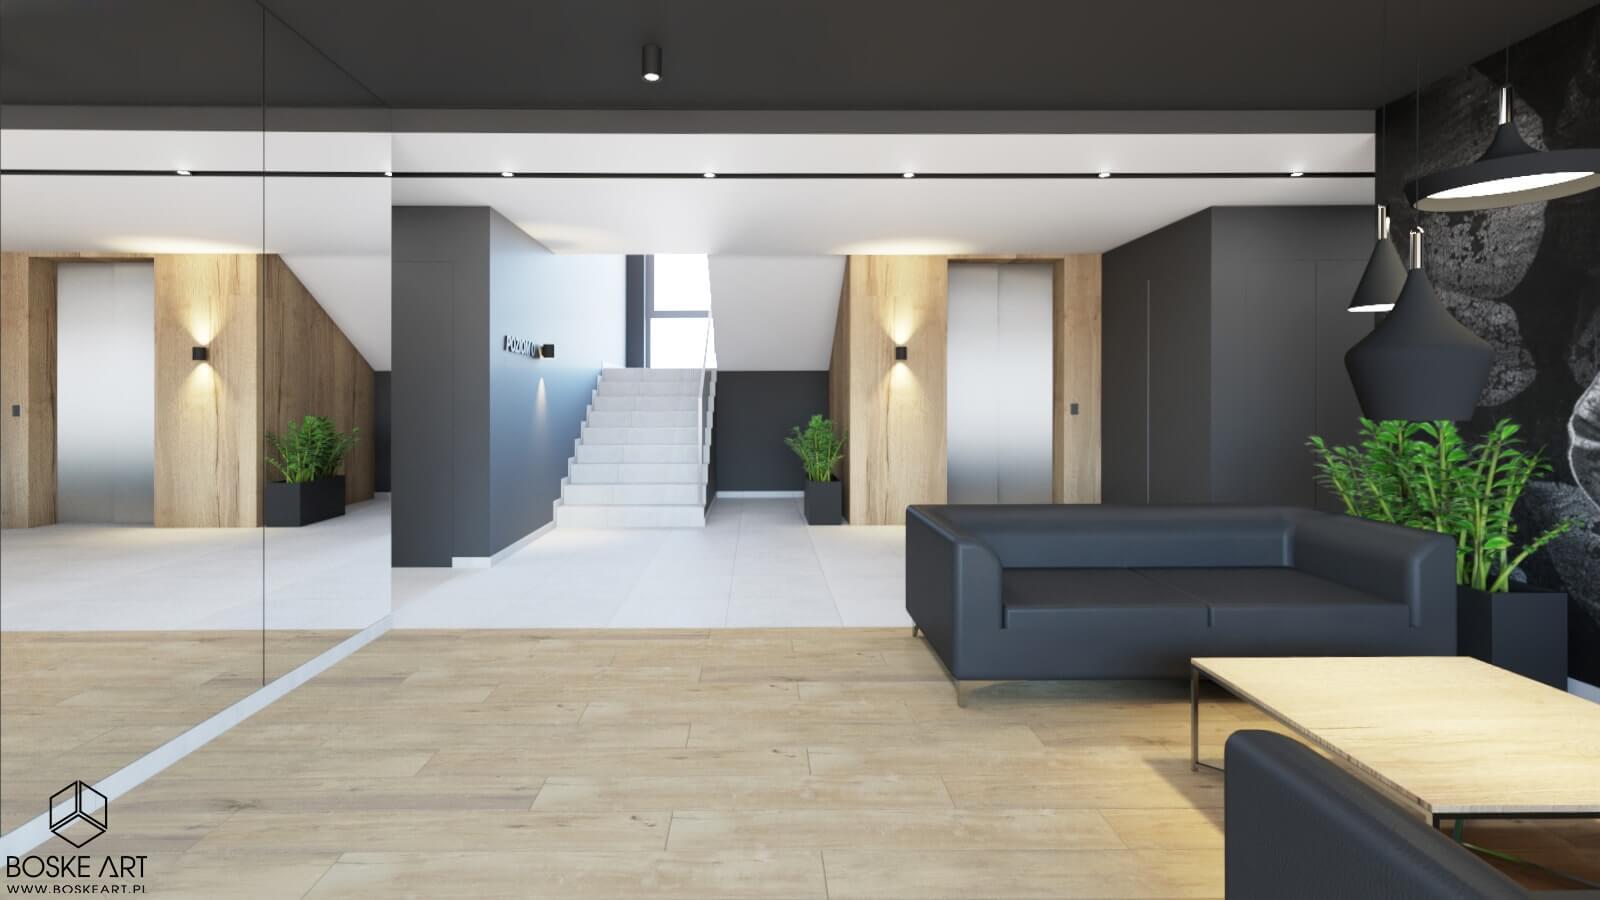 4_apartamenty_poznan_boske_art_strefa_wejsciowa_projektowanie_wnetrz_architektura_natalia_robaszkiewicz-min